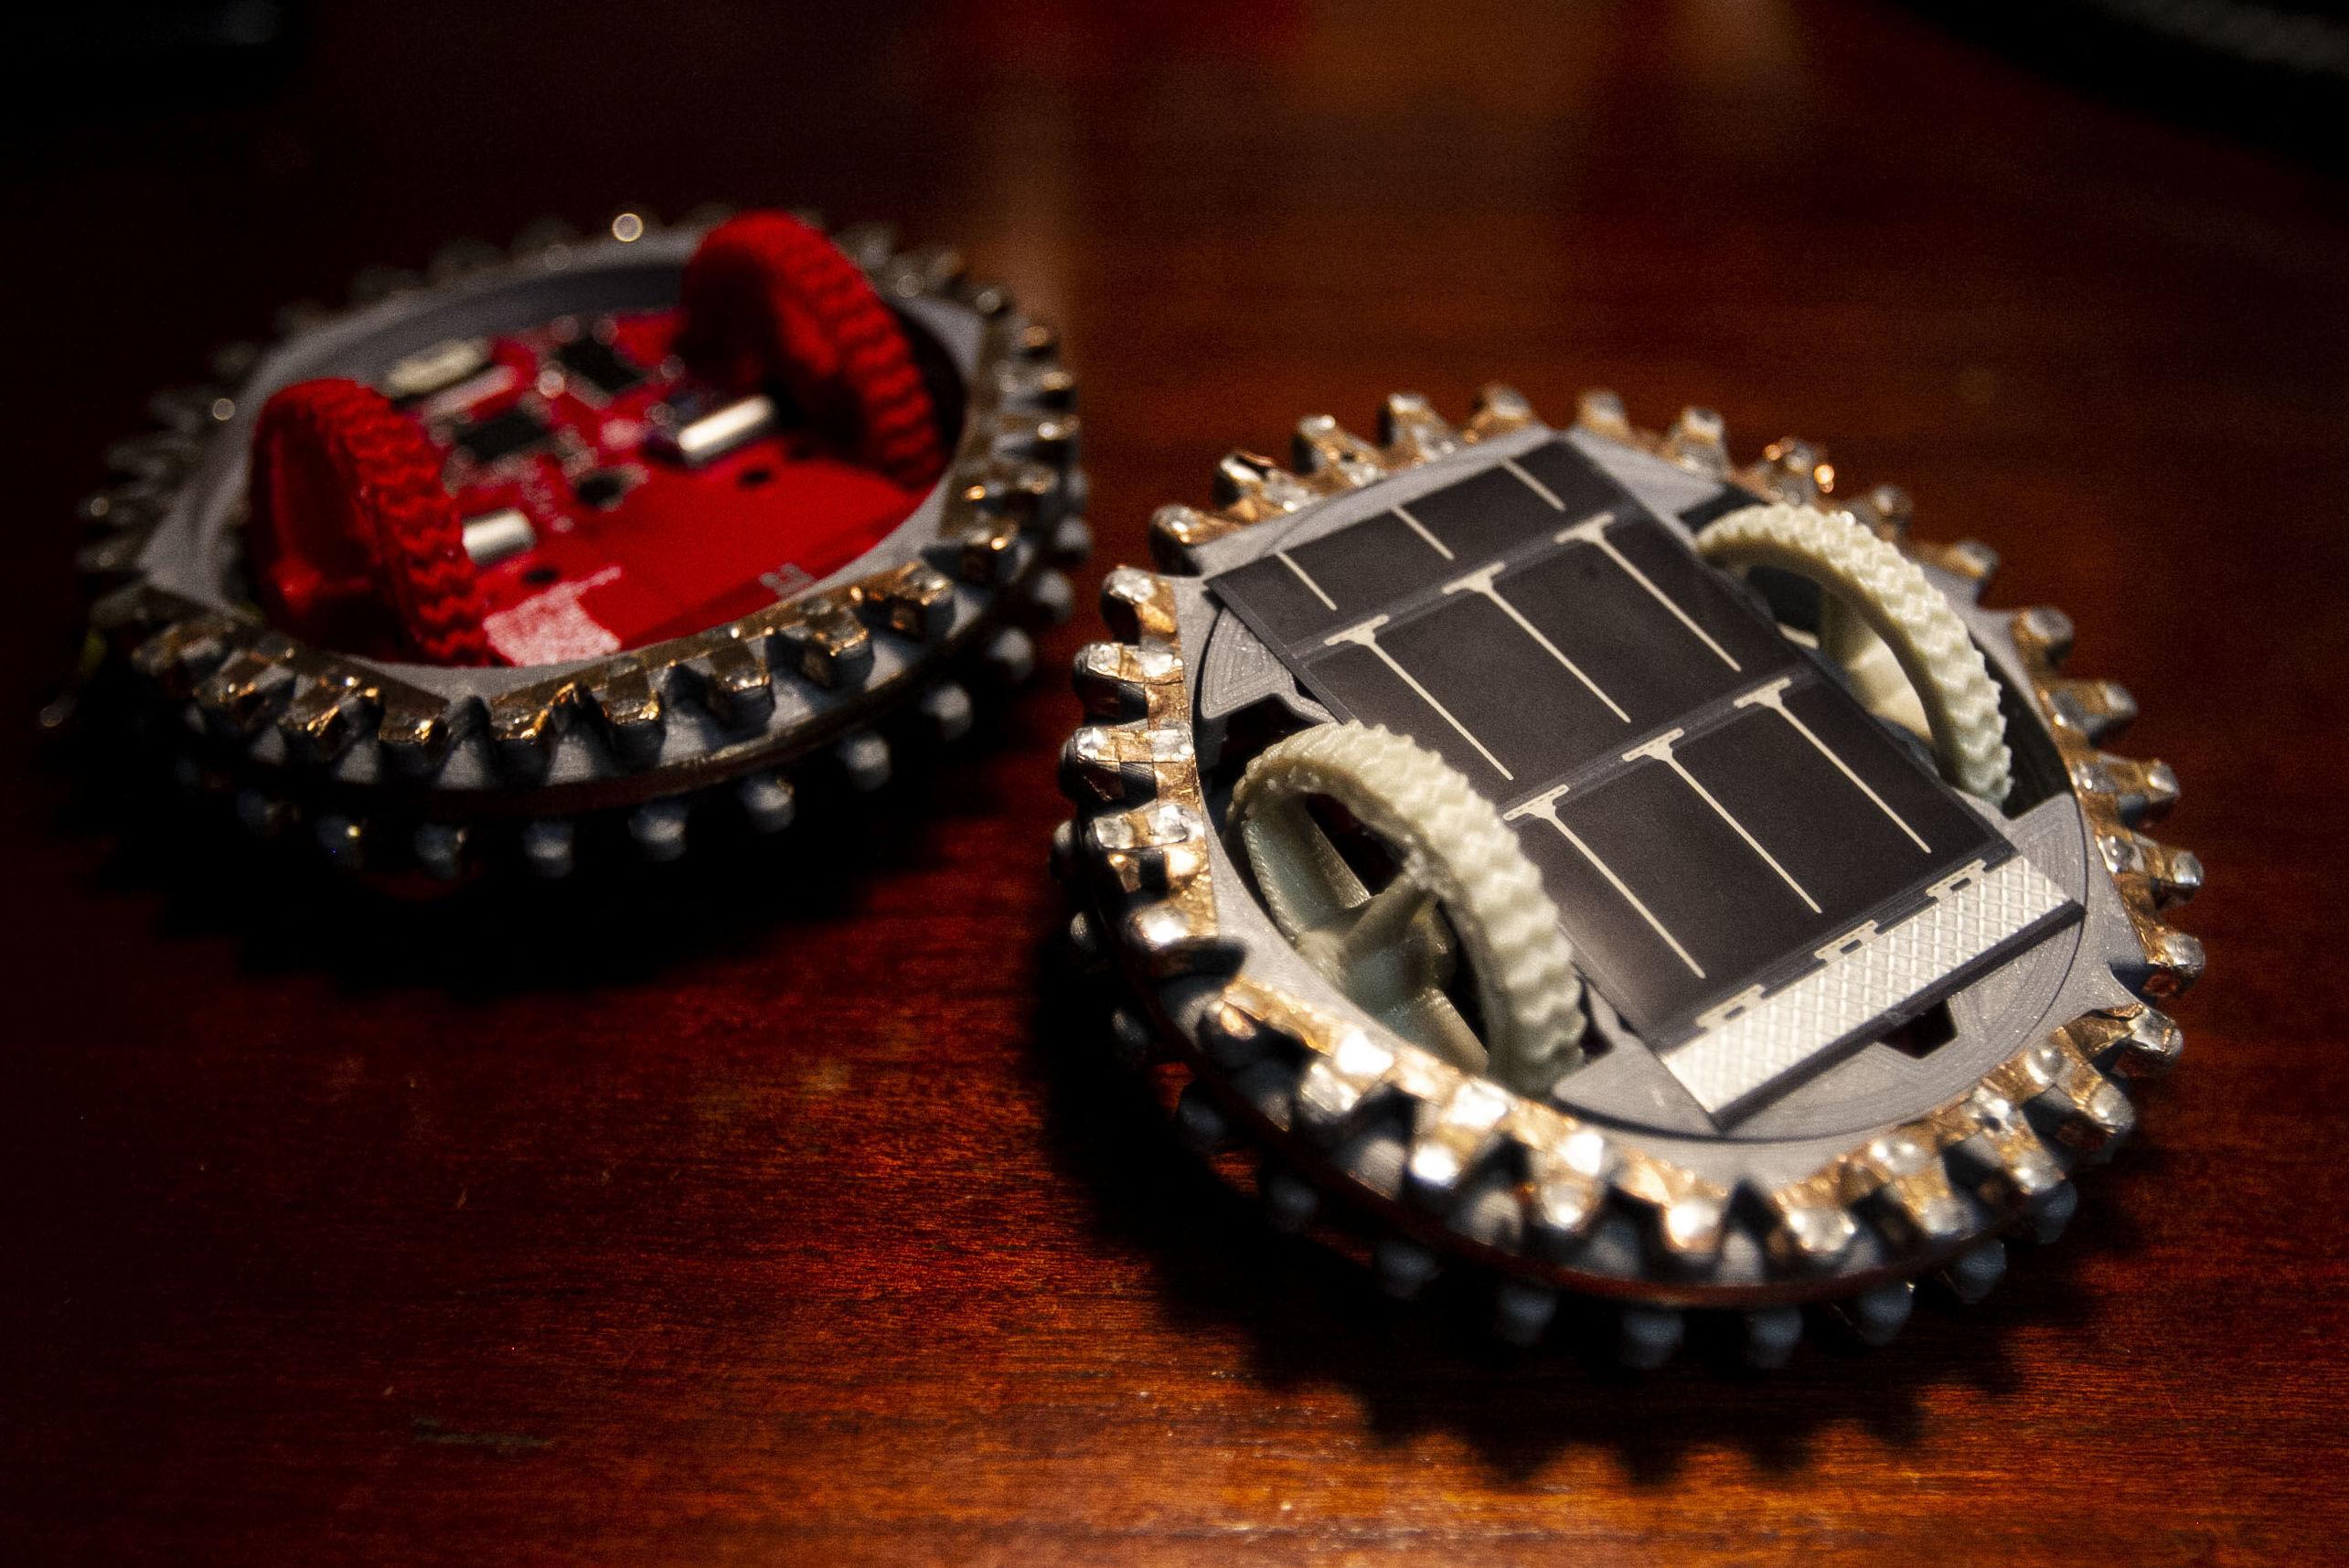 Prototipos a escala de dos mini-robots mexicanos que viajarán a la luna en 2021